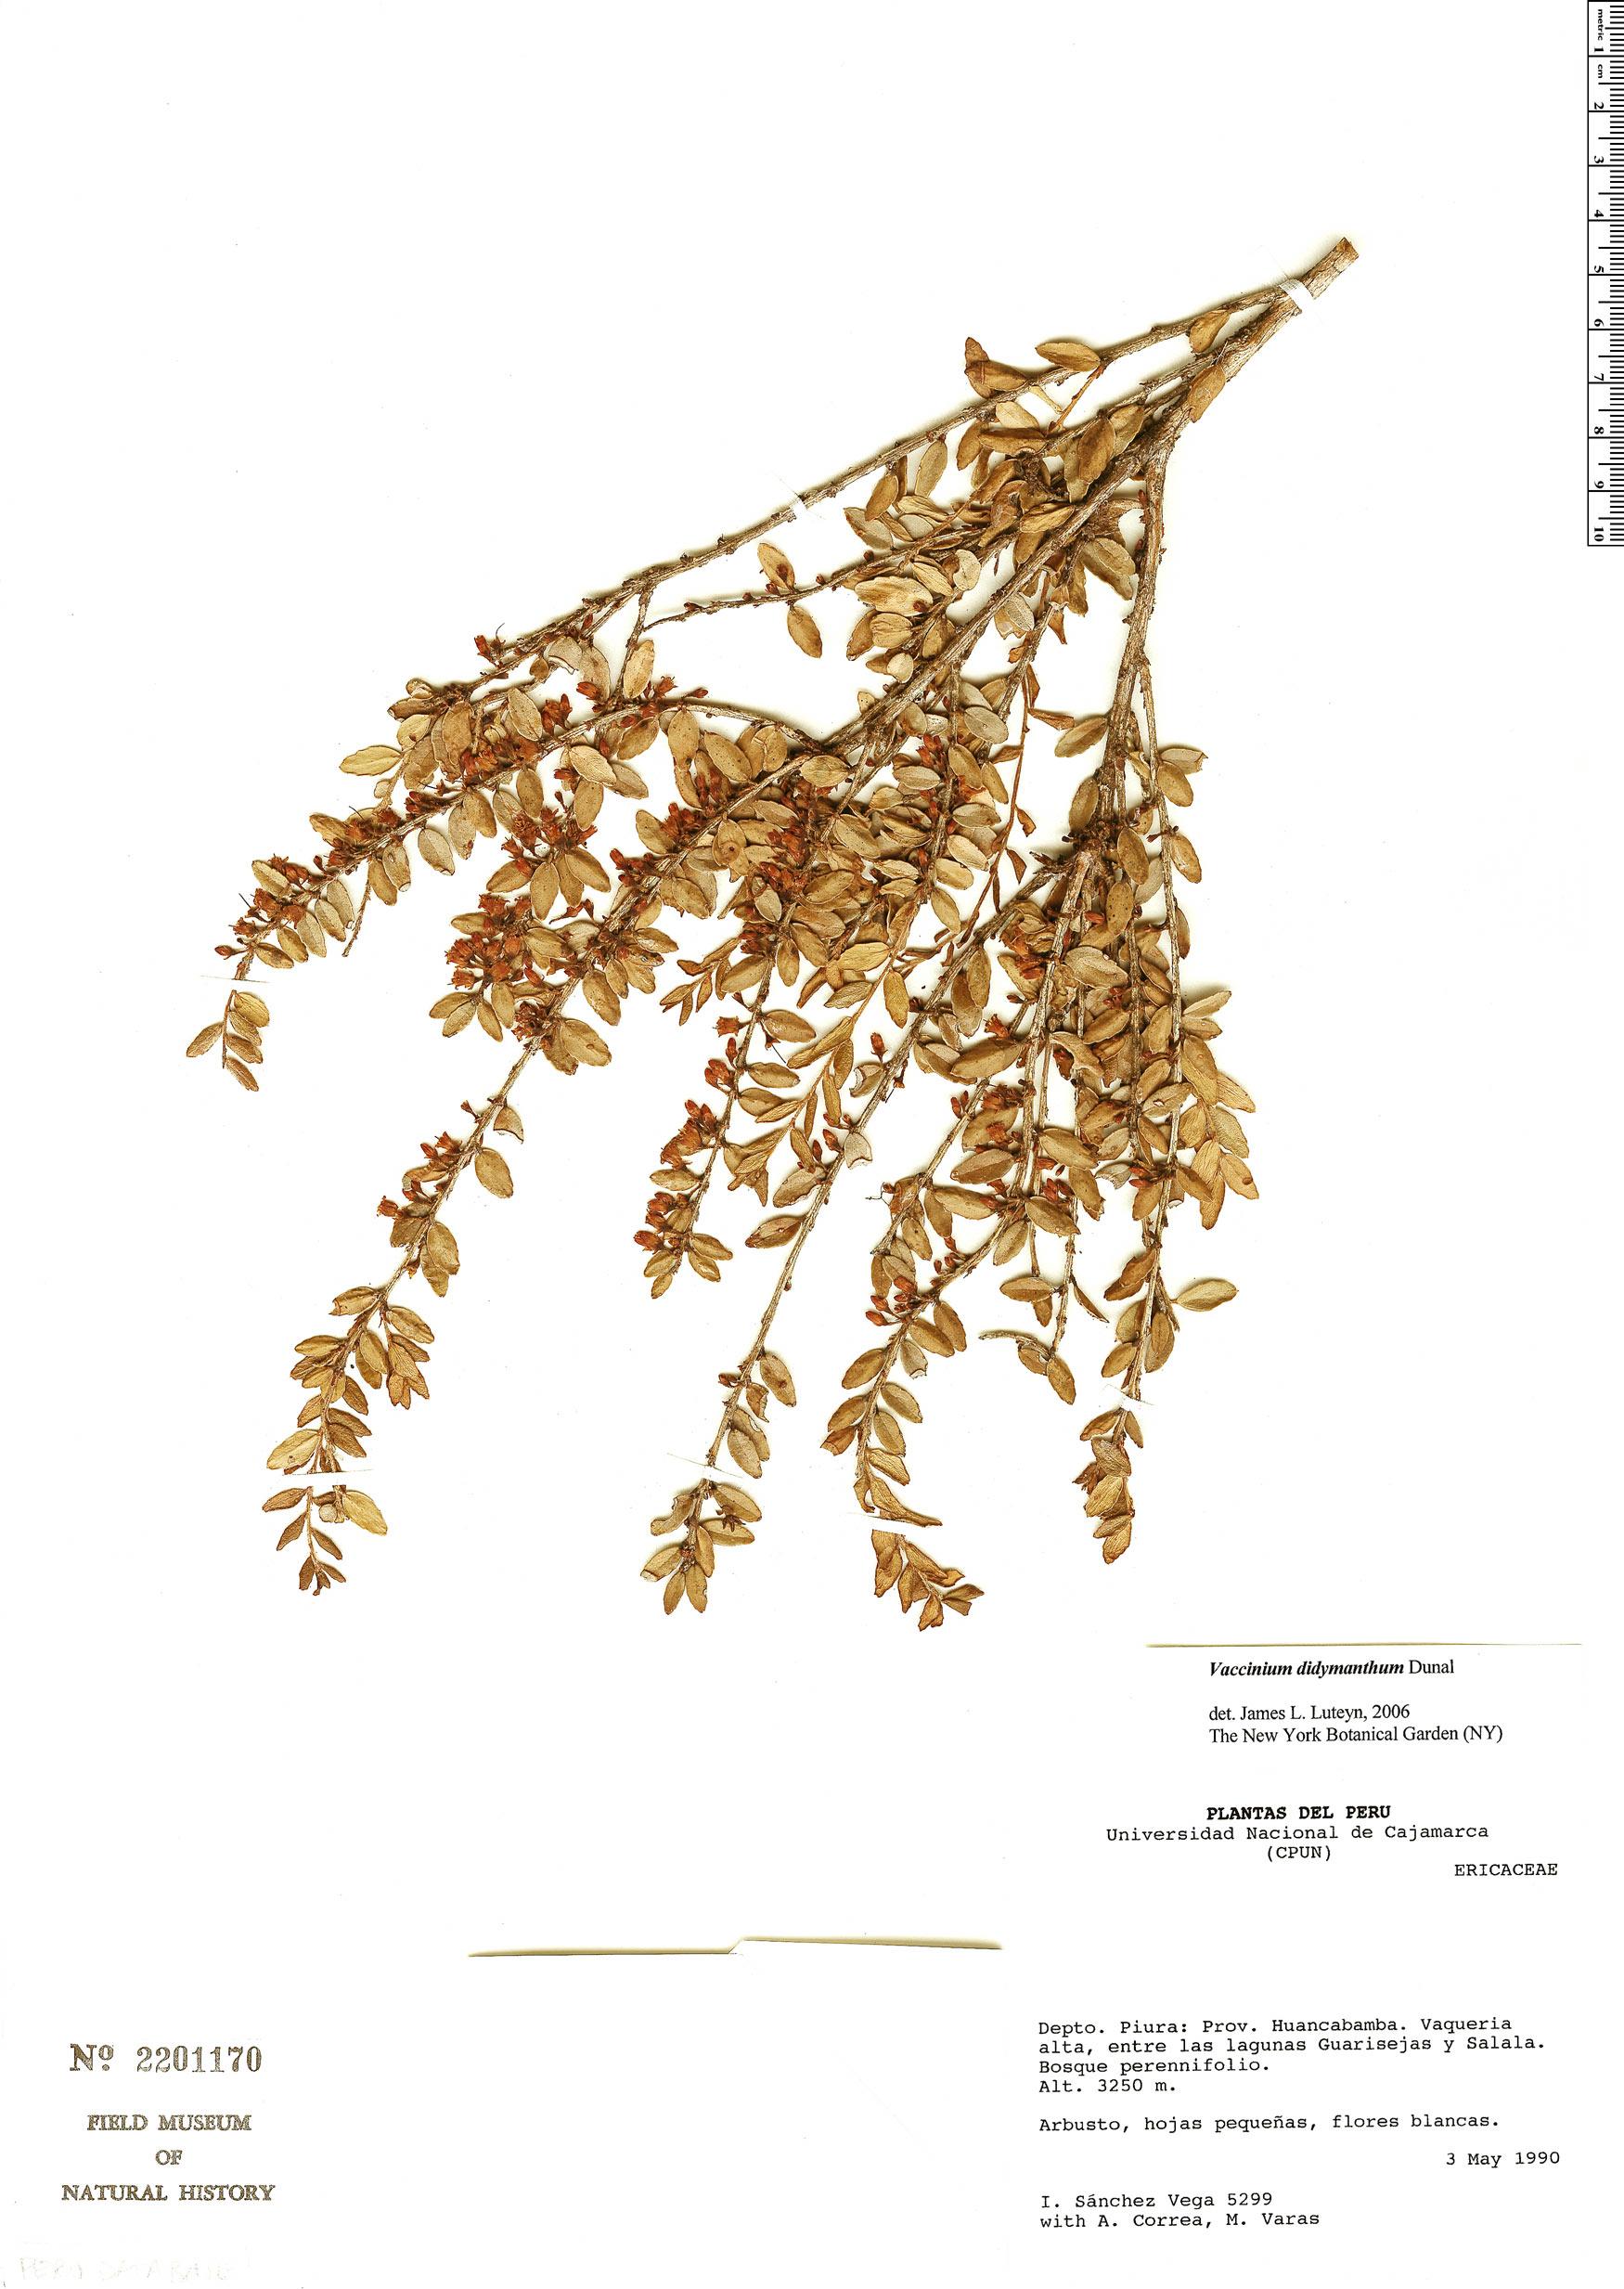 Specimen: Vaccinium didymanthum